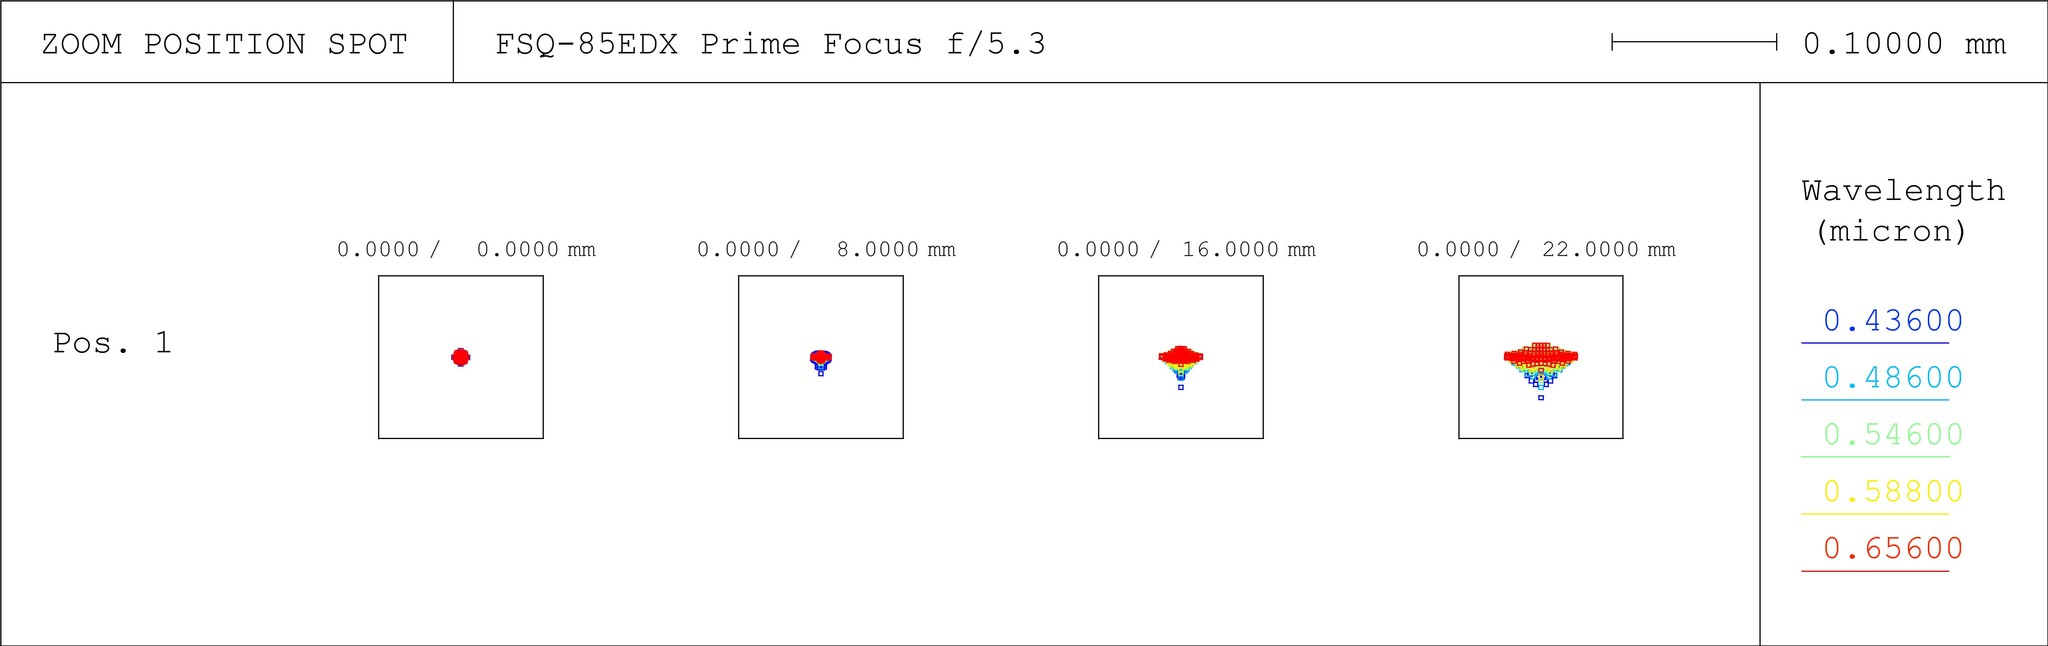 FSQ-85EDX f/5.3 Spot Diagram